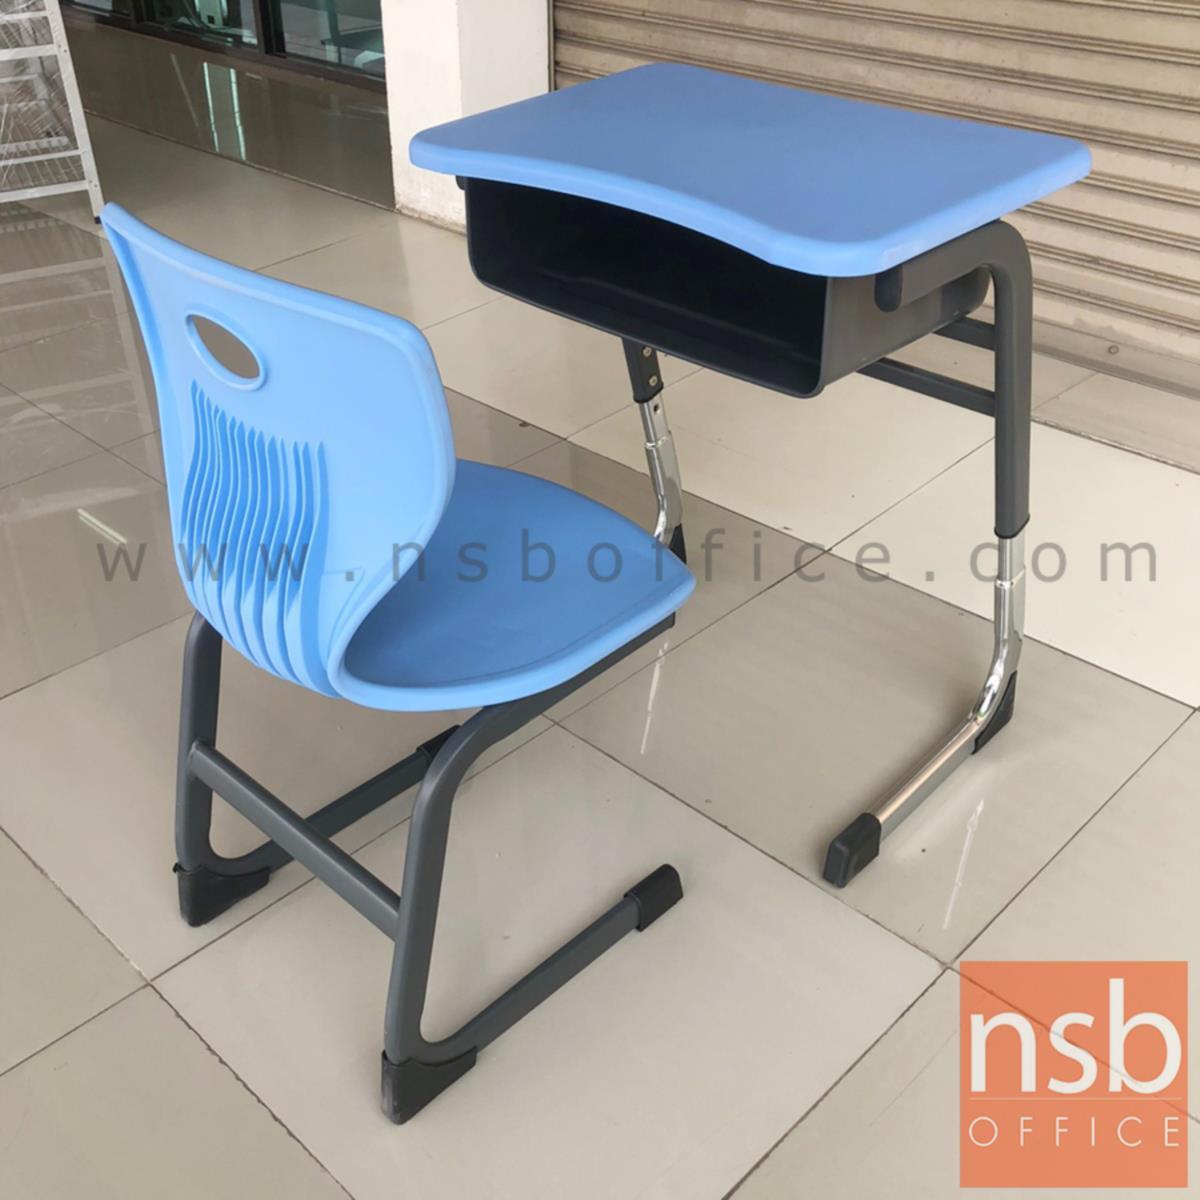 ชุดโต๊ะและเก้าอี้นักเรียน รุ่น Brooklyn (บรูค-ลิน) ขาเหล็ก ปรับระดับได้